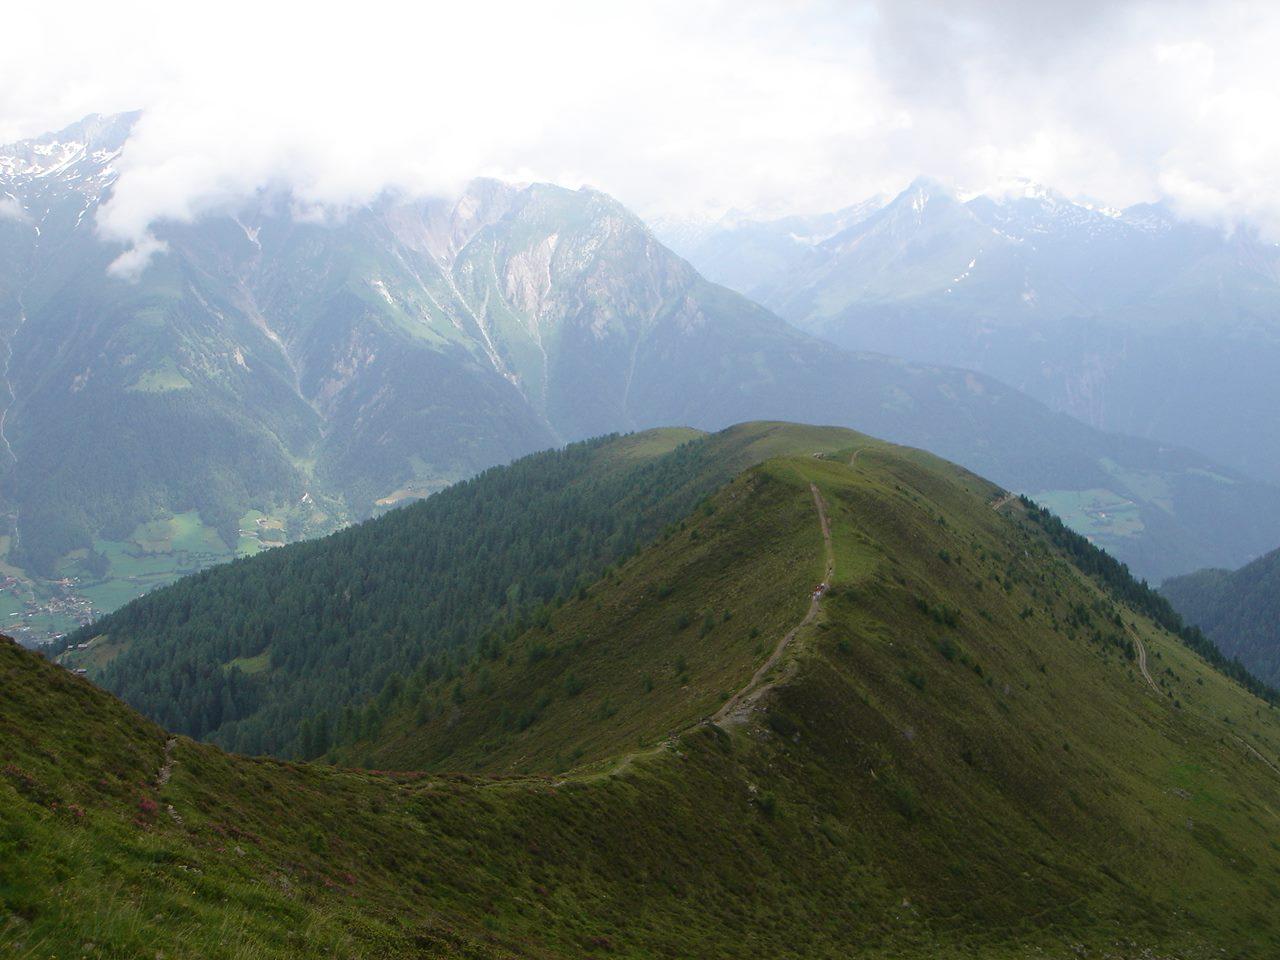 Foto: Manfred Karl / Wander Tour / Auf den Griften / Blick vom Legerle auf den schönen Wiesenrücken, den man von der Wetterkreuzhütte her übersteigt. / 16.06.2007 10:28:10